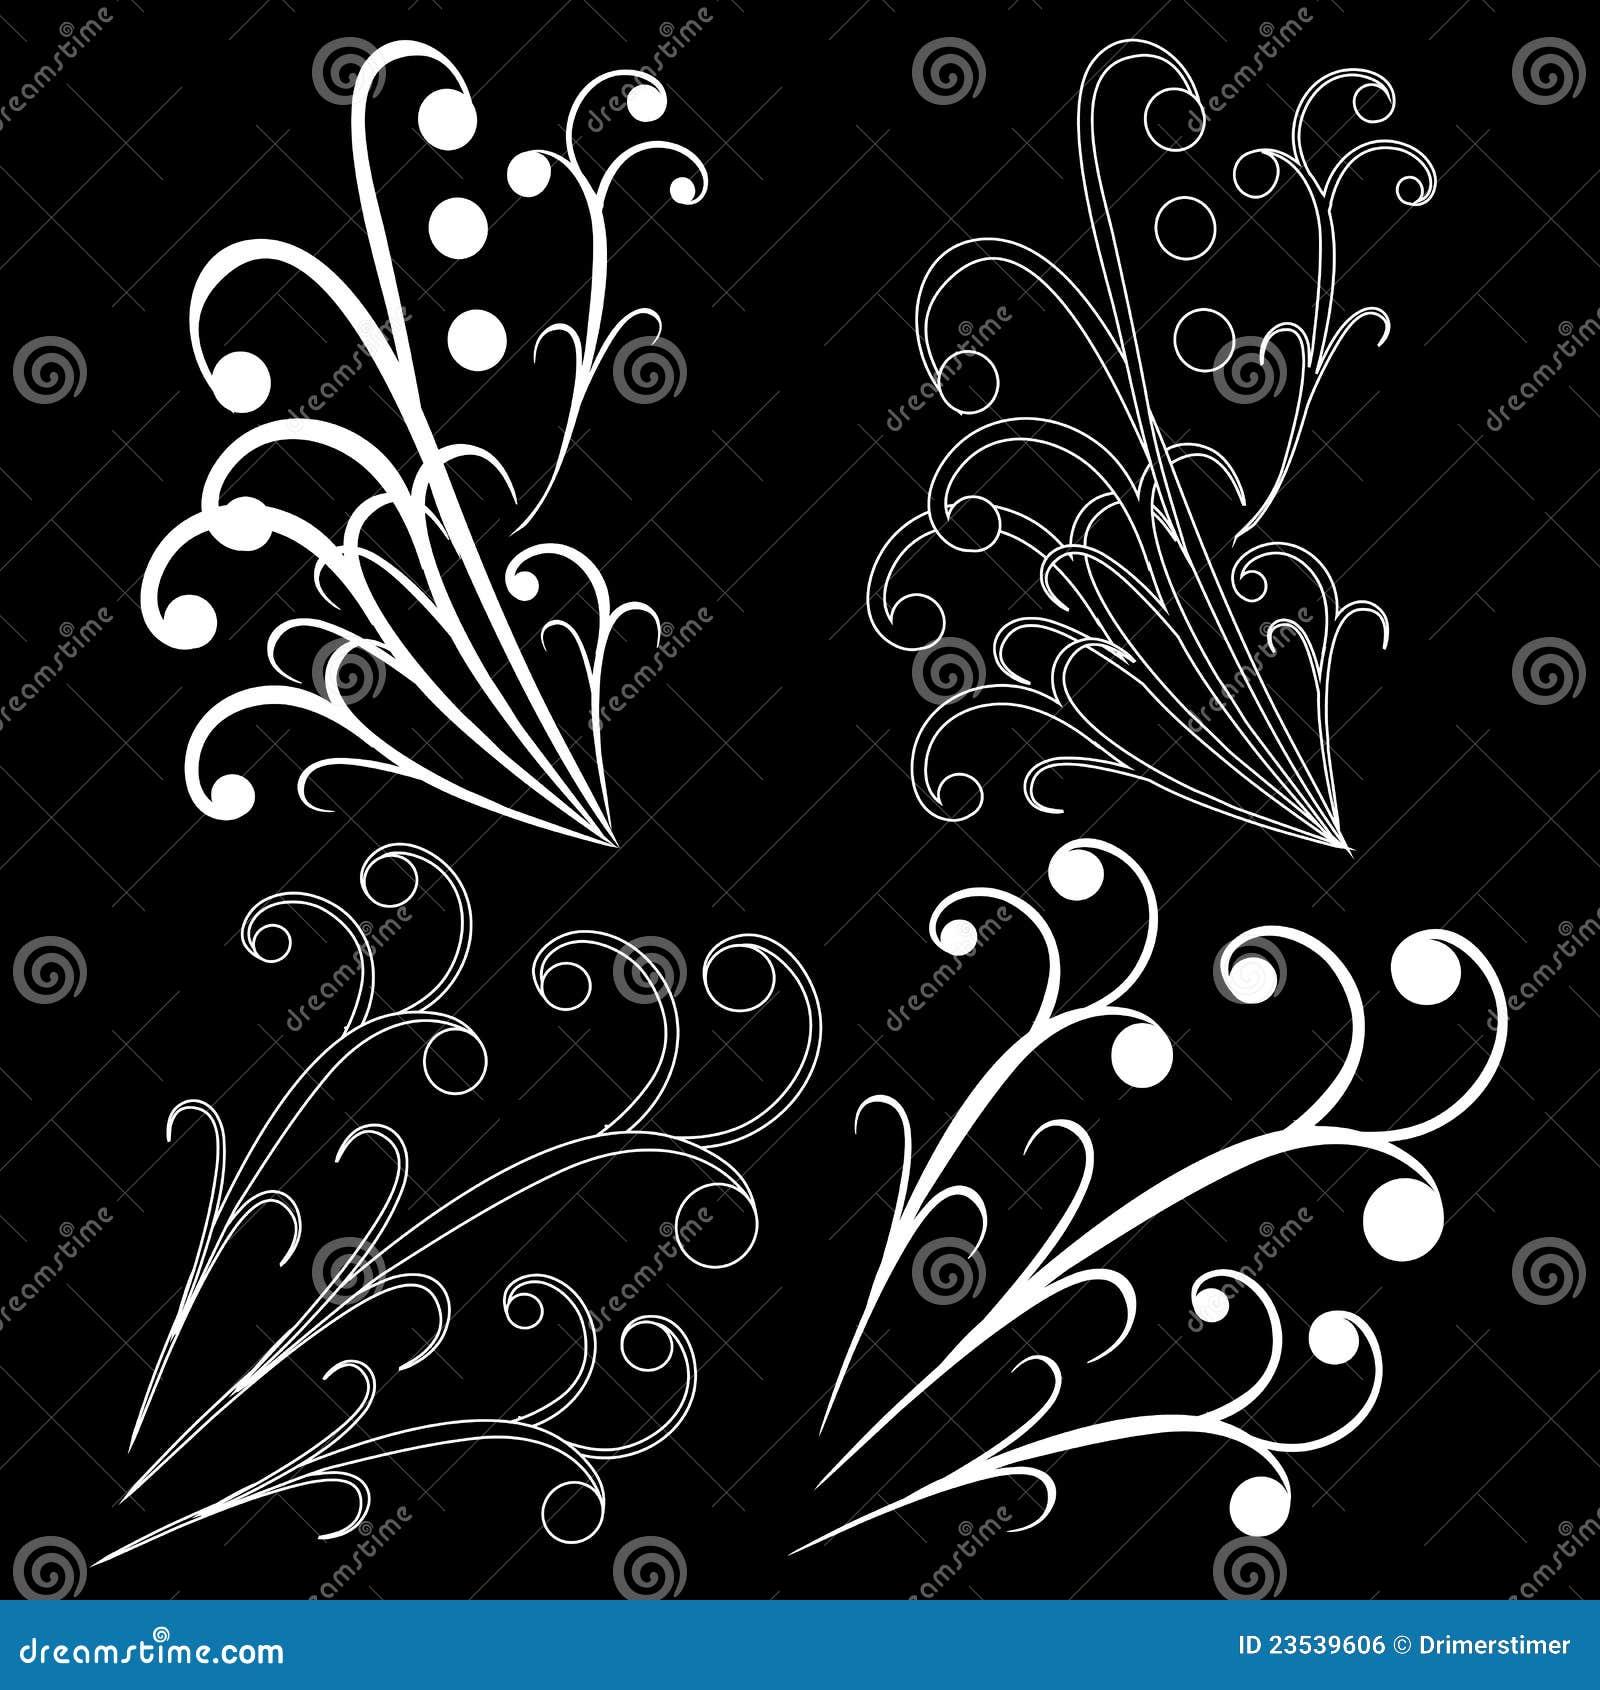 Design Element On A Black Background Stock Illustration